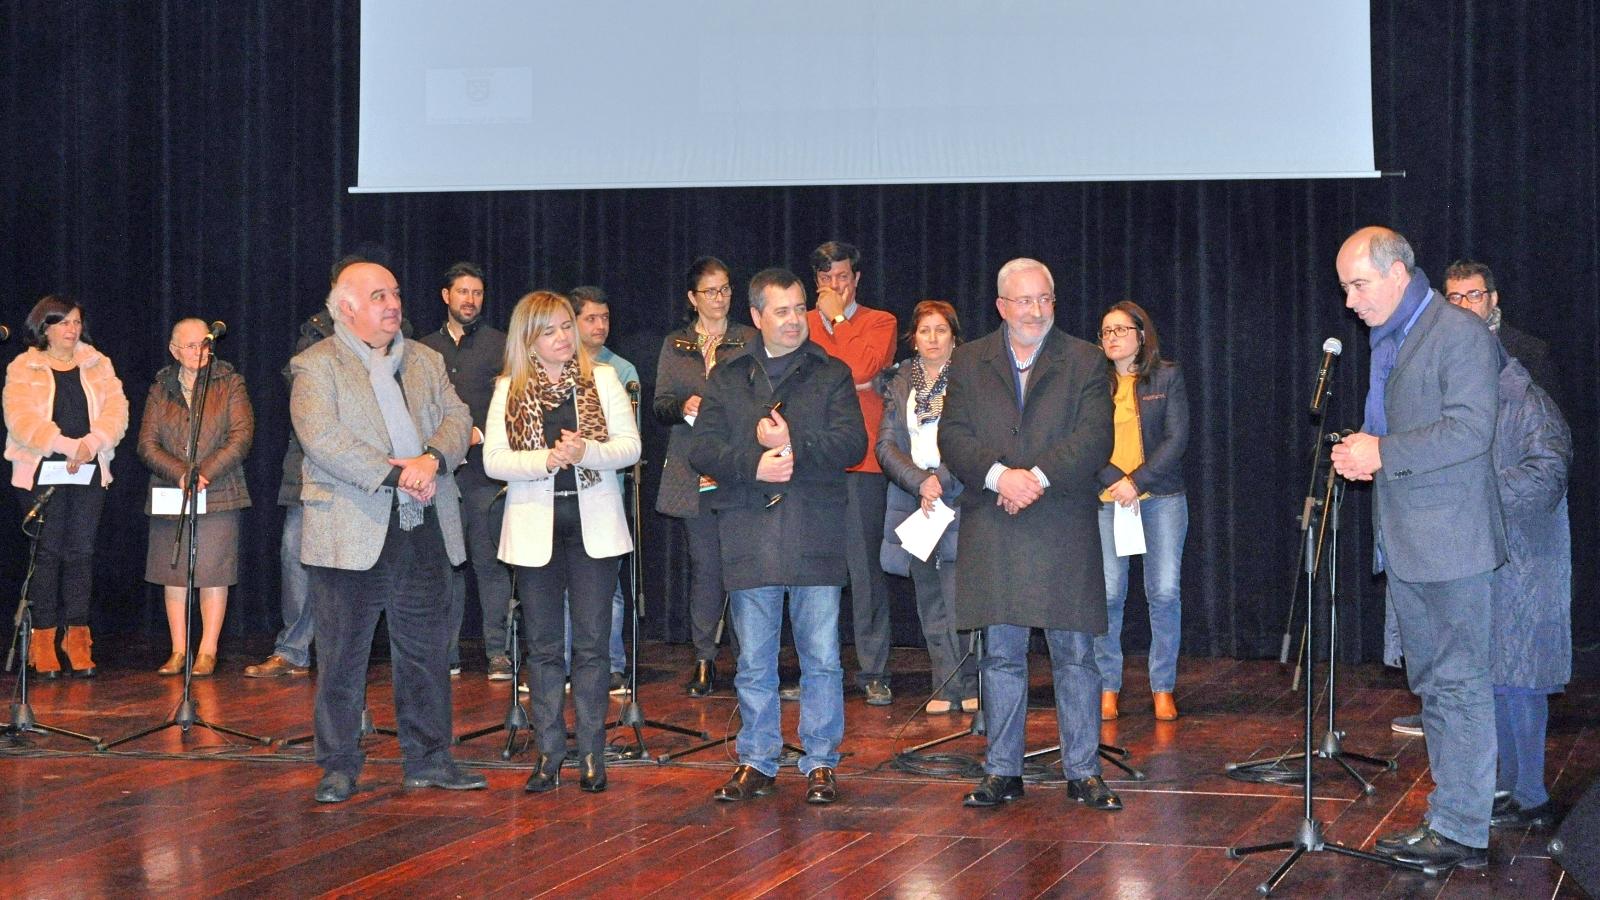 Entrega dos prémios do Concurso de Présepios de Natal em Felgueiras